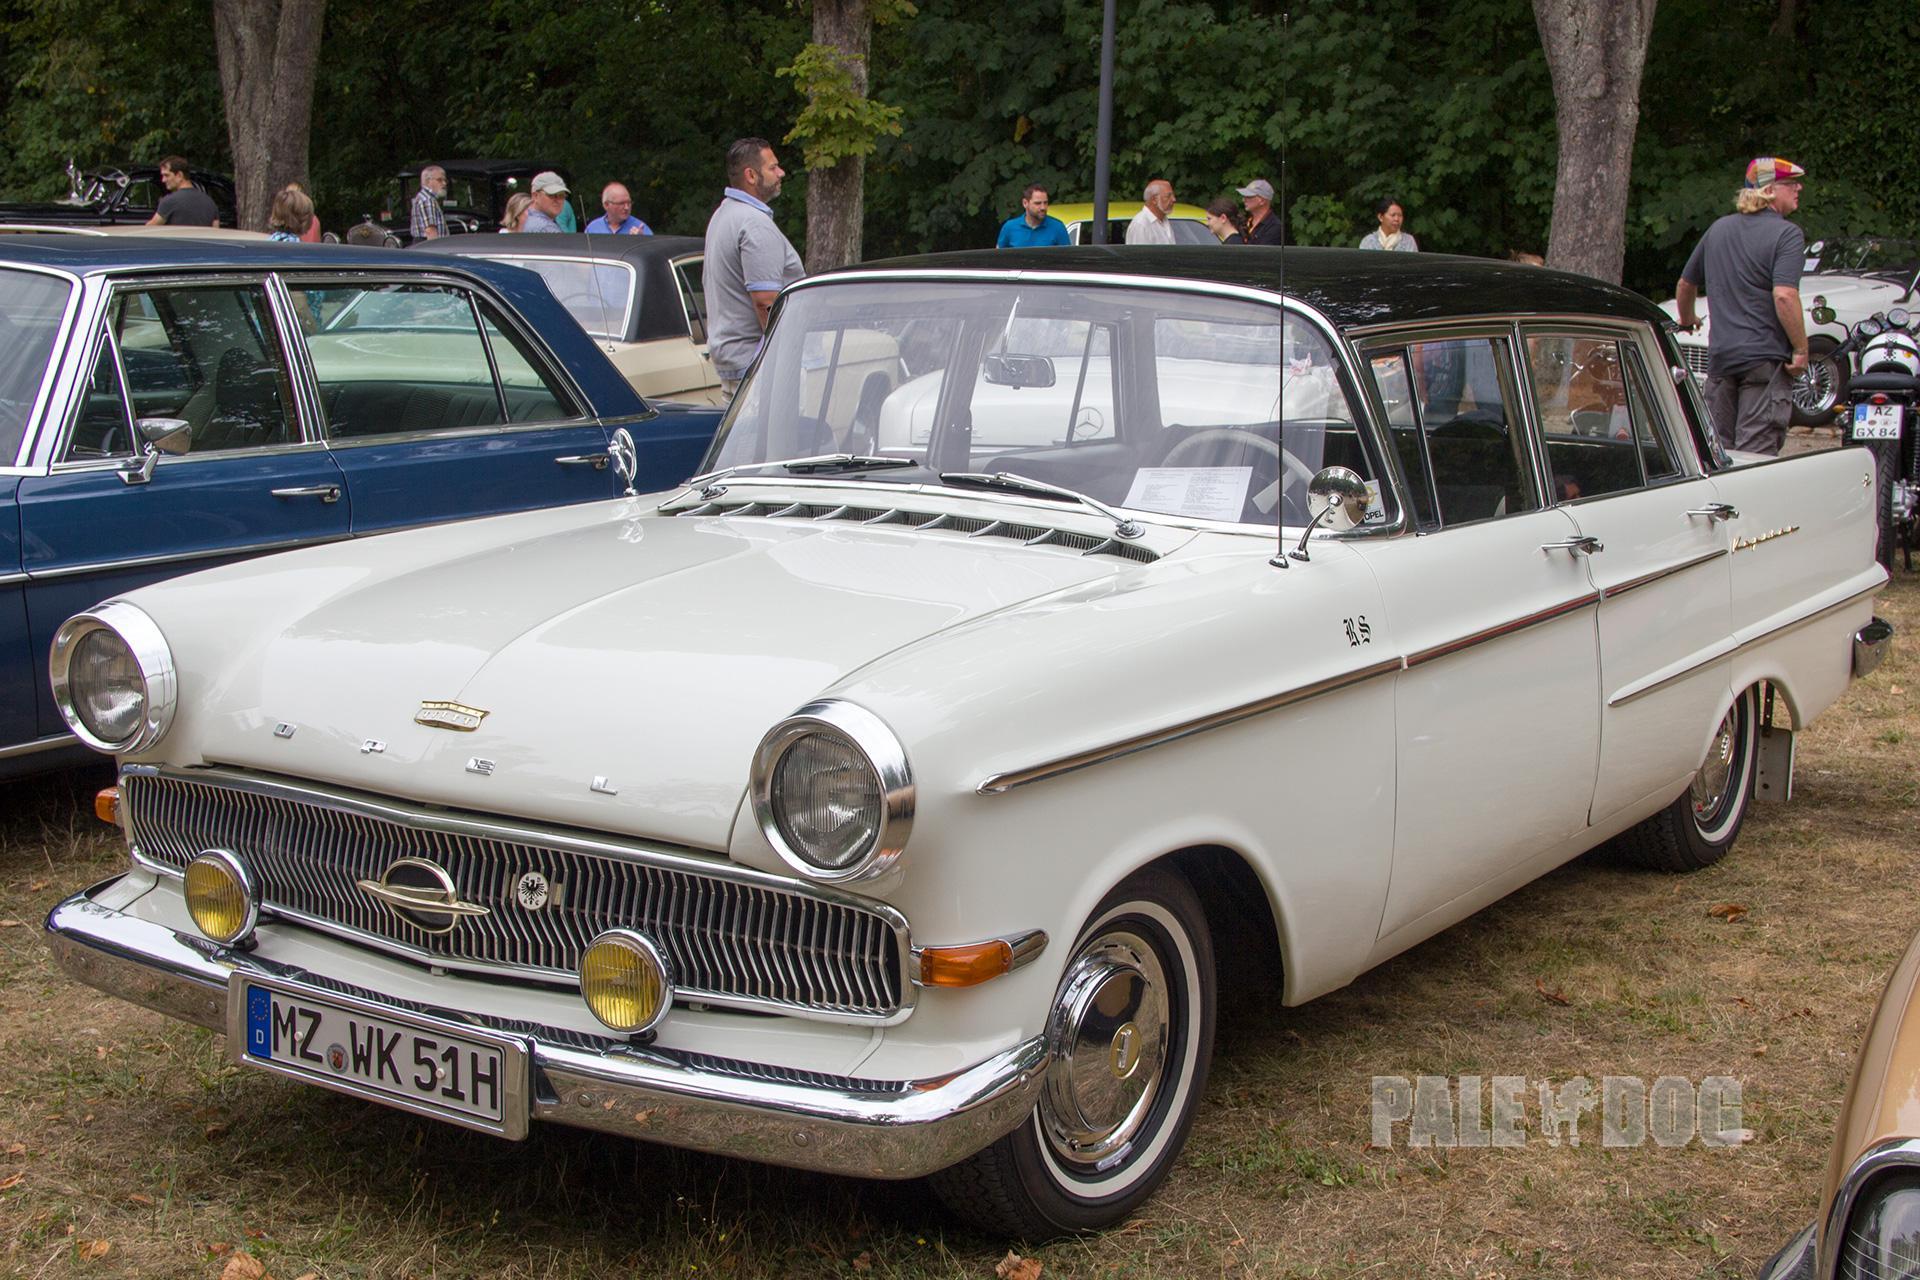 1959 Opel Kapitan P 2 6 L Front Post War Paledog Fotosammlung